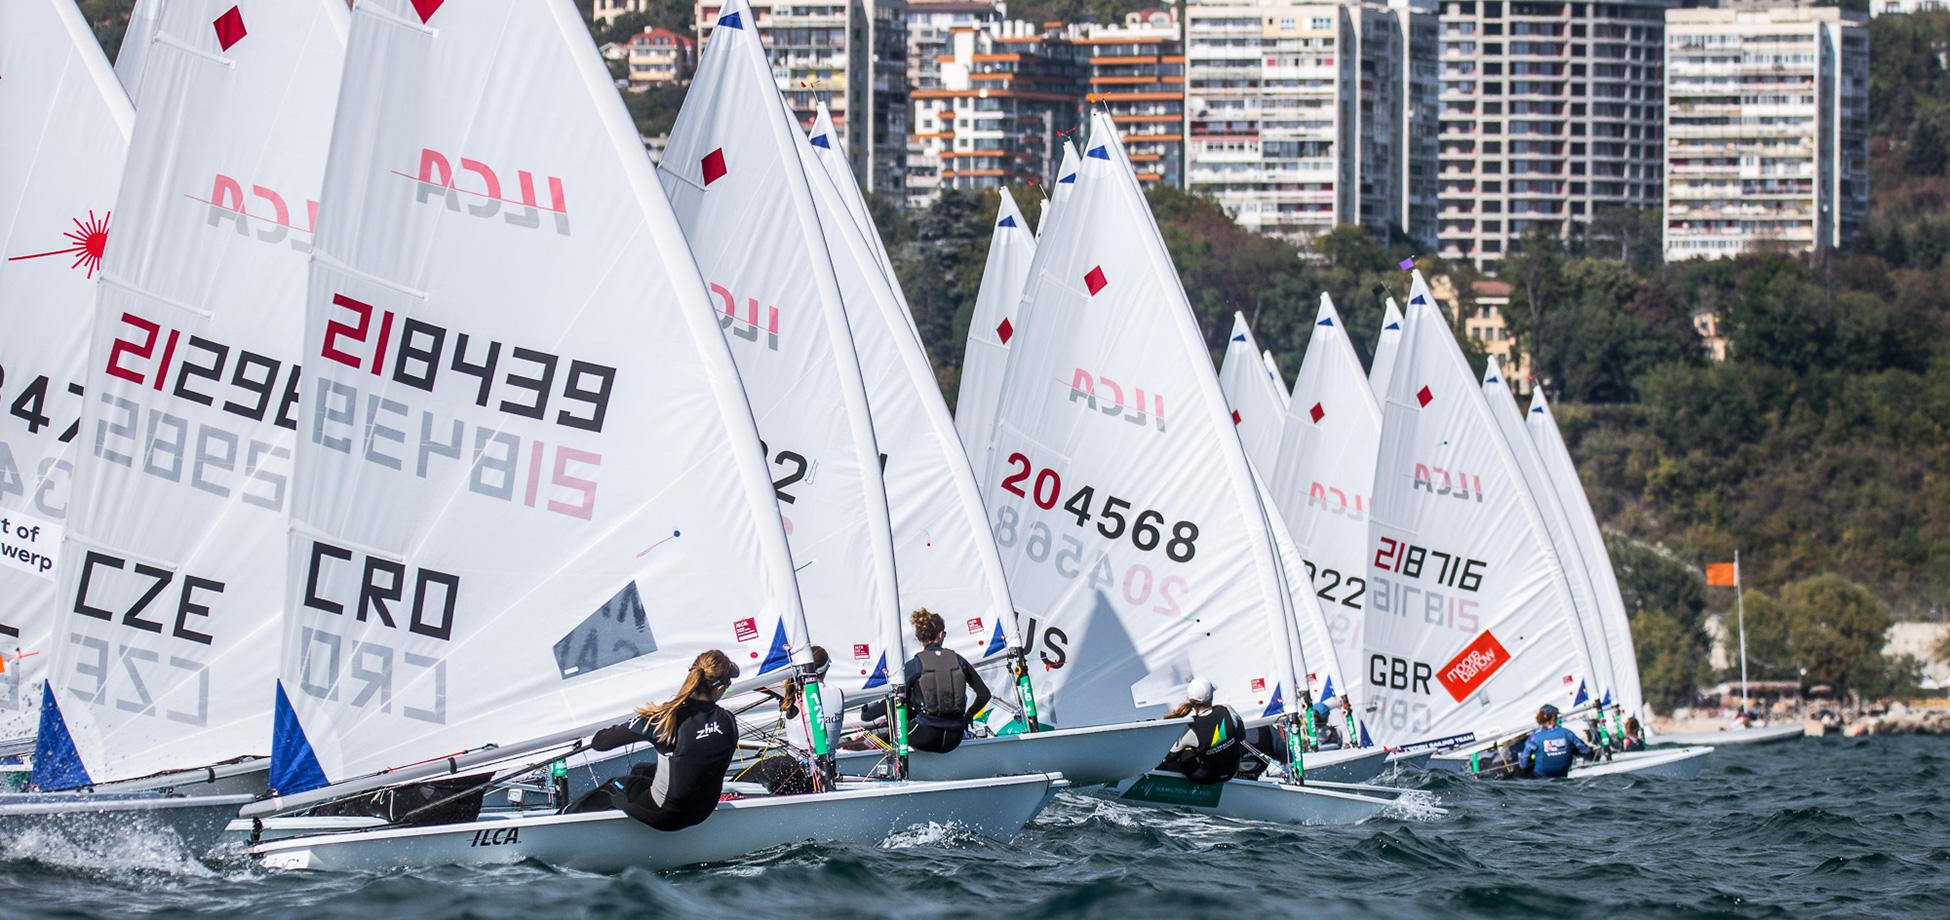 race day 1 2021 EurILCA Senior Europeans